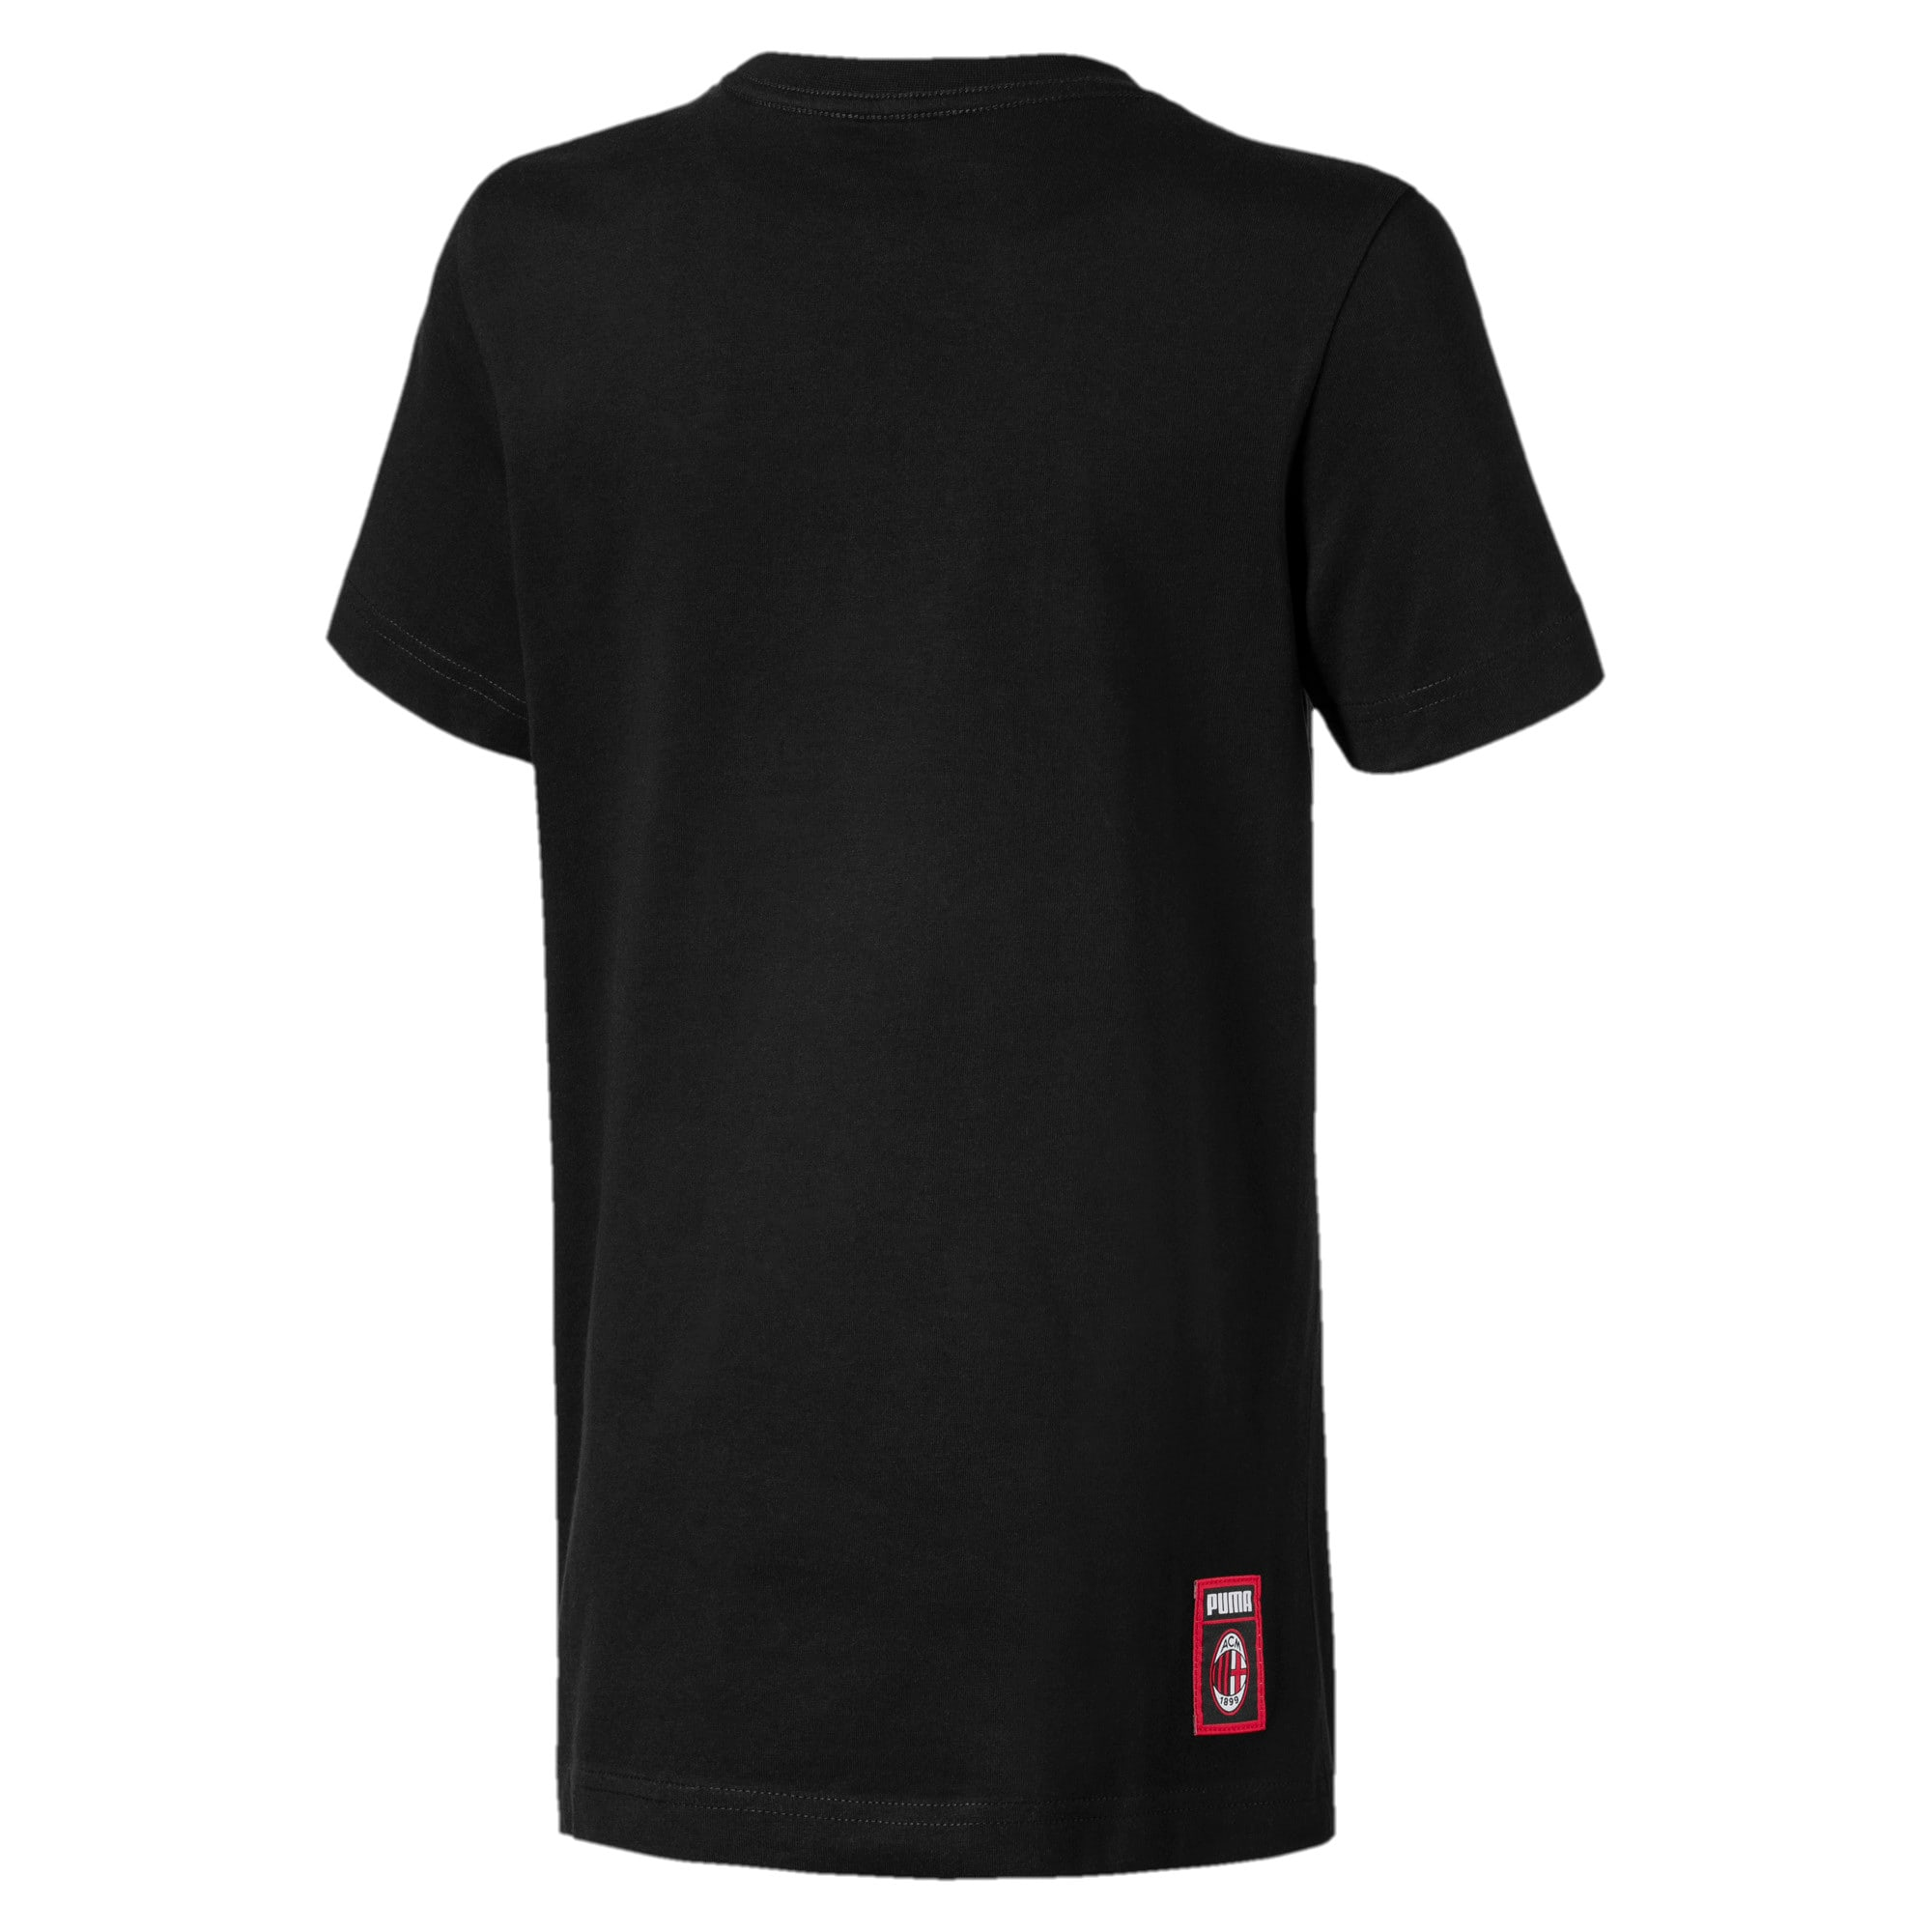 Thumbnail 2 of AC Milan DNA Kinder T-Shirt, Cotton Black-tango red, medium